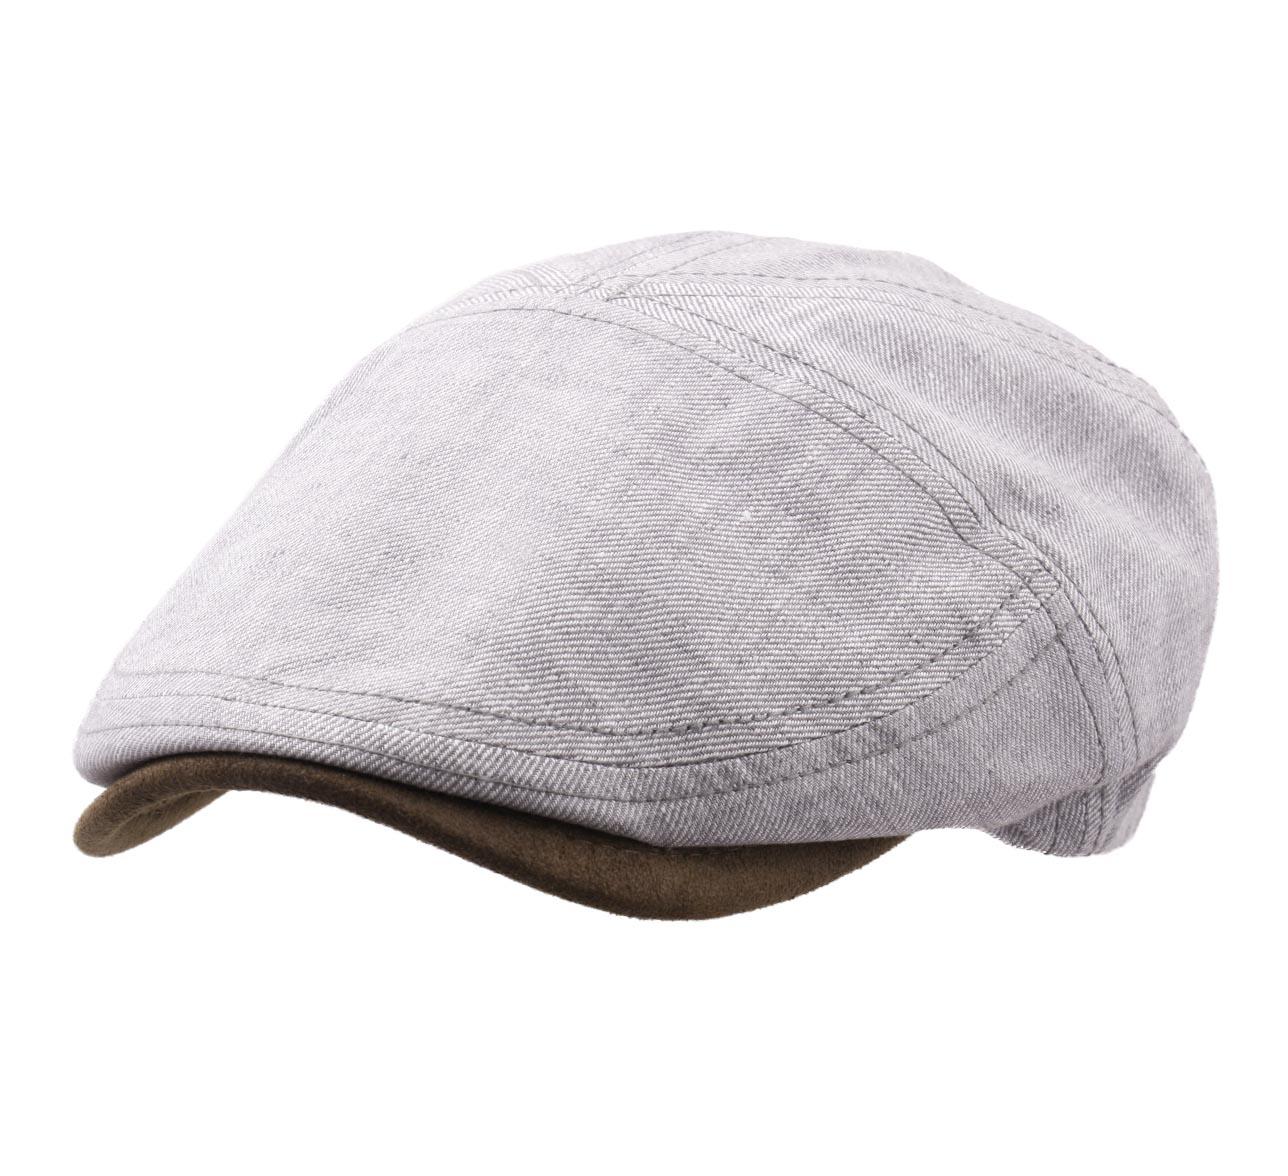 Casquette : quelle casquette pour quelle morphologie ?